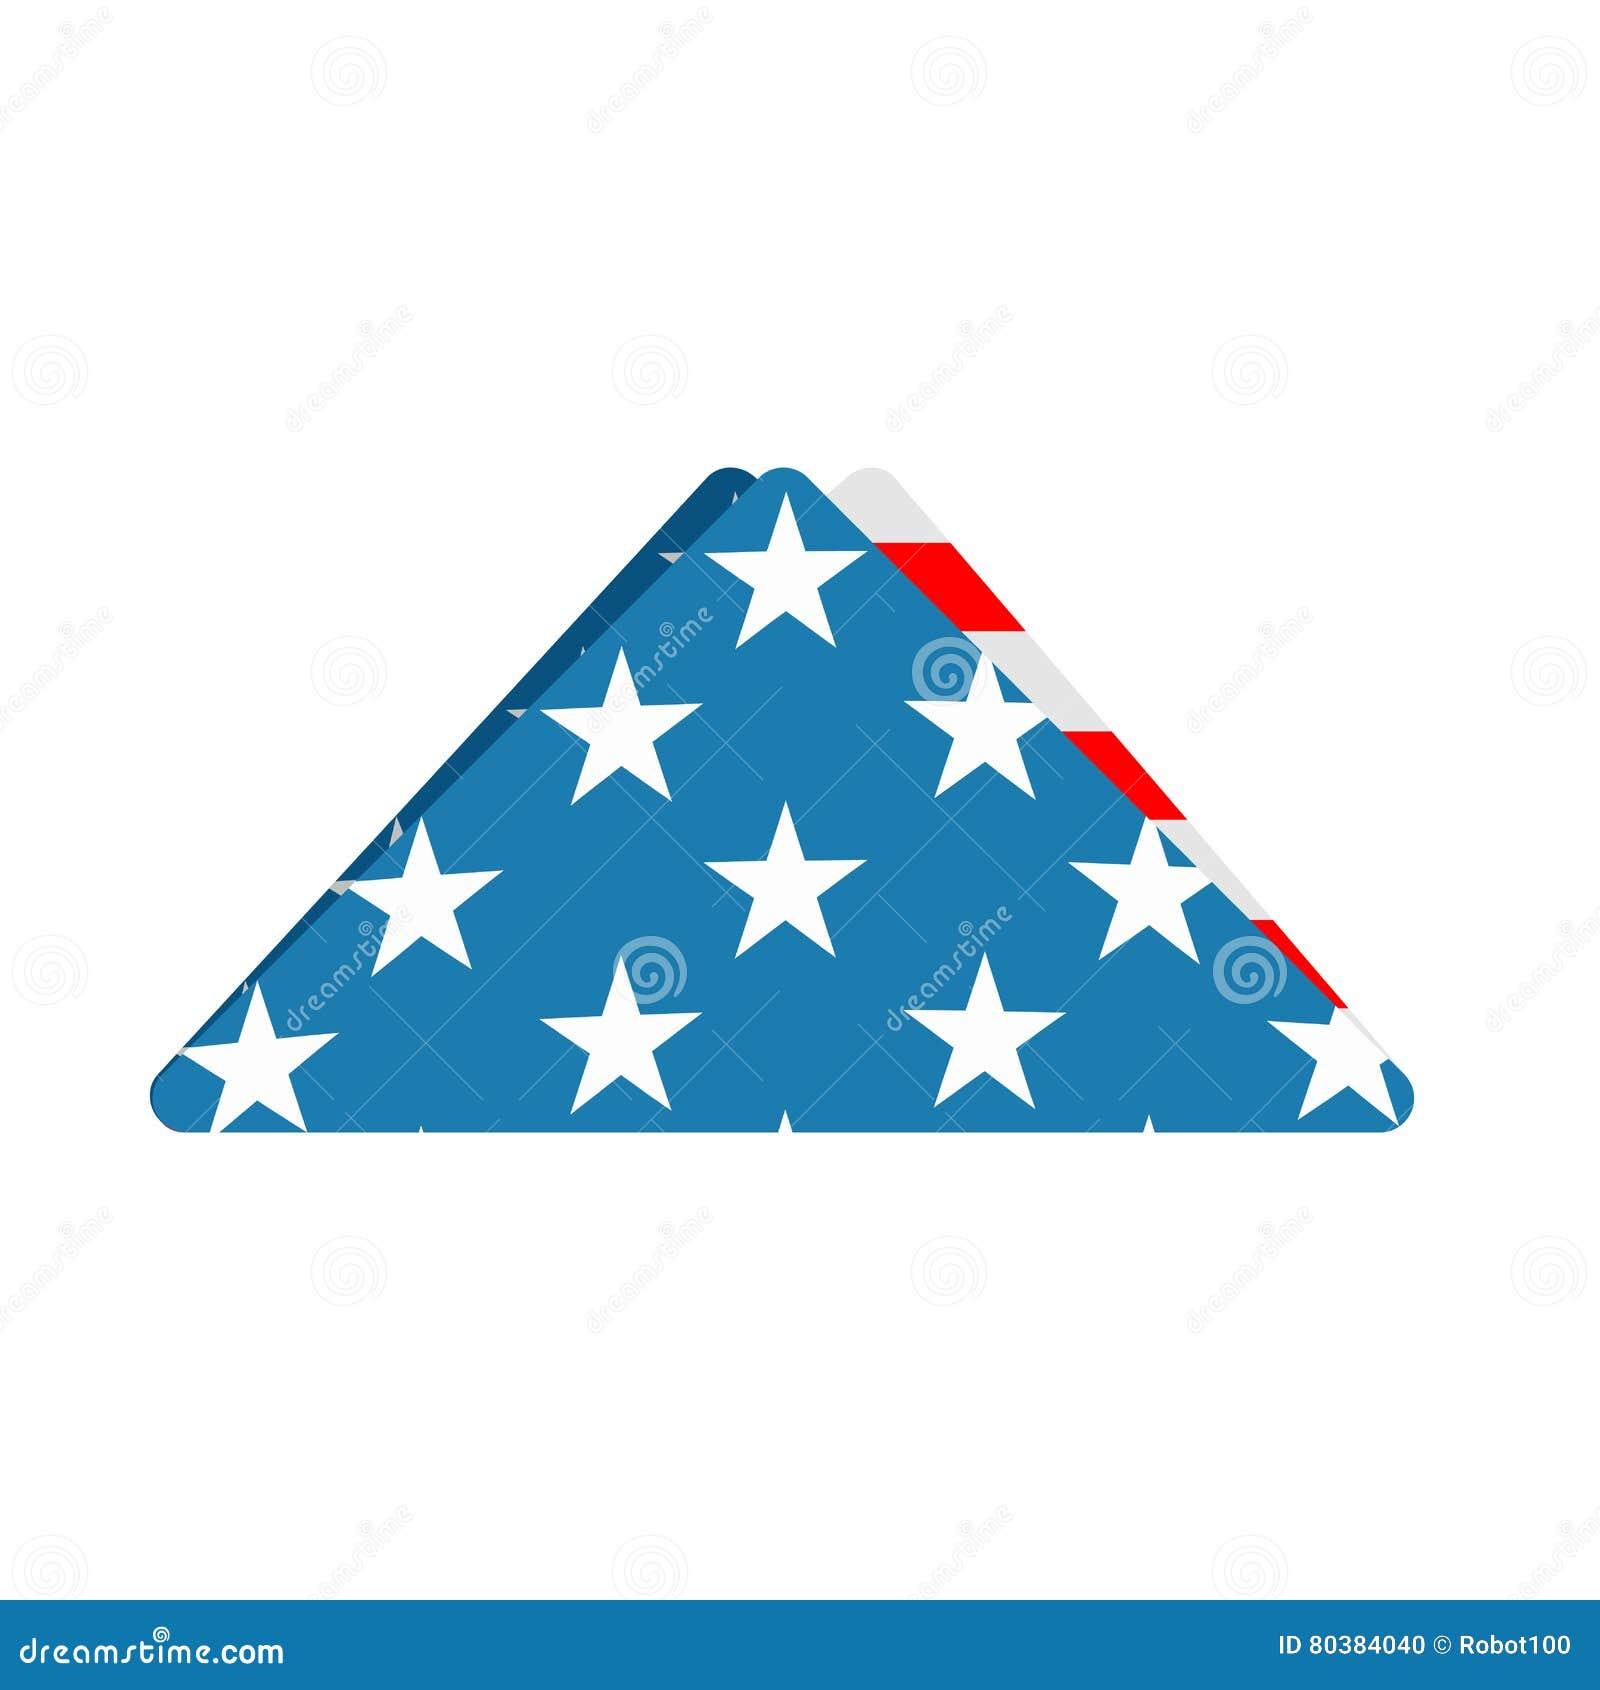 Folded Us Flag Triangle Symbol Of Mourning National Symbol Of U